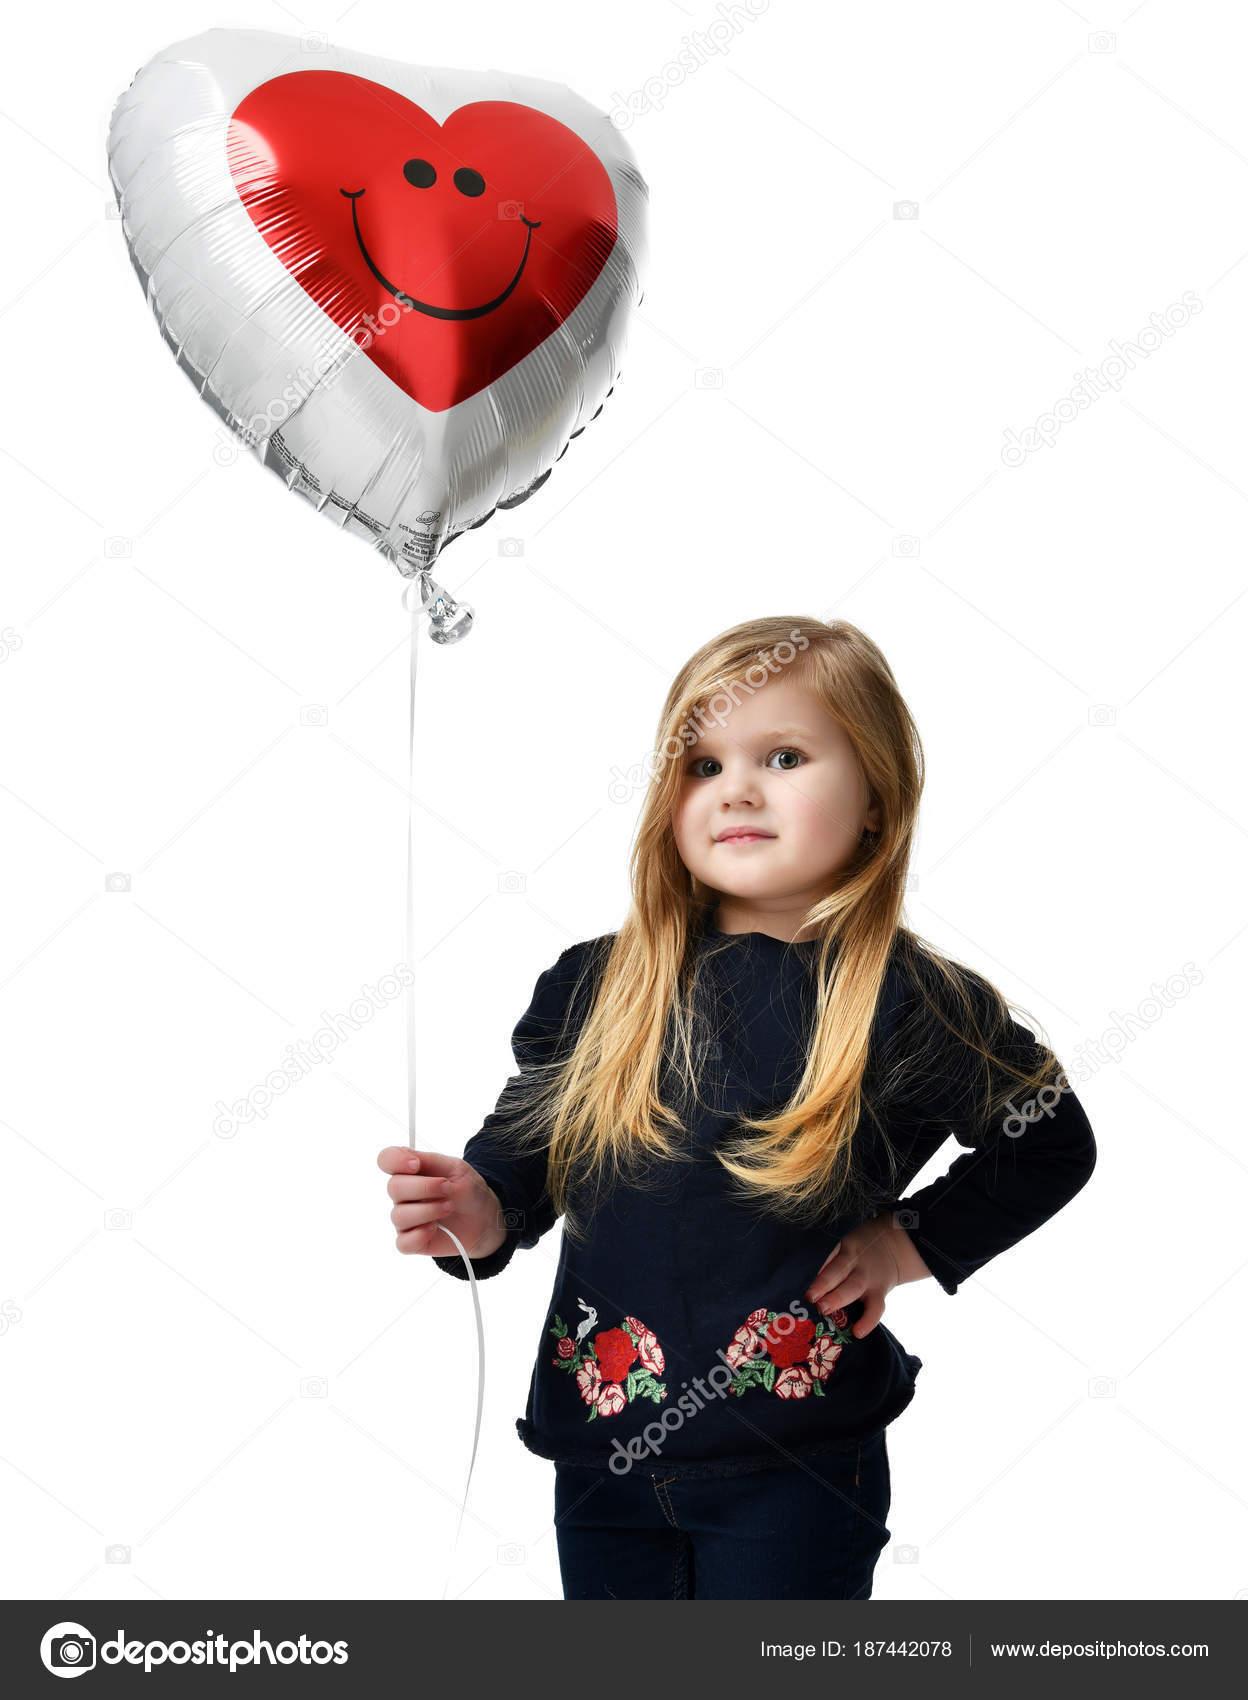 chevreau de la jeune fille avec gros coeur rouge ballon isol photographie dml5050 187442078. Black Bedroom Furniture Sets. Home Design Ideas